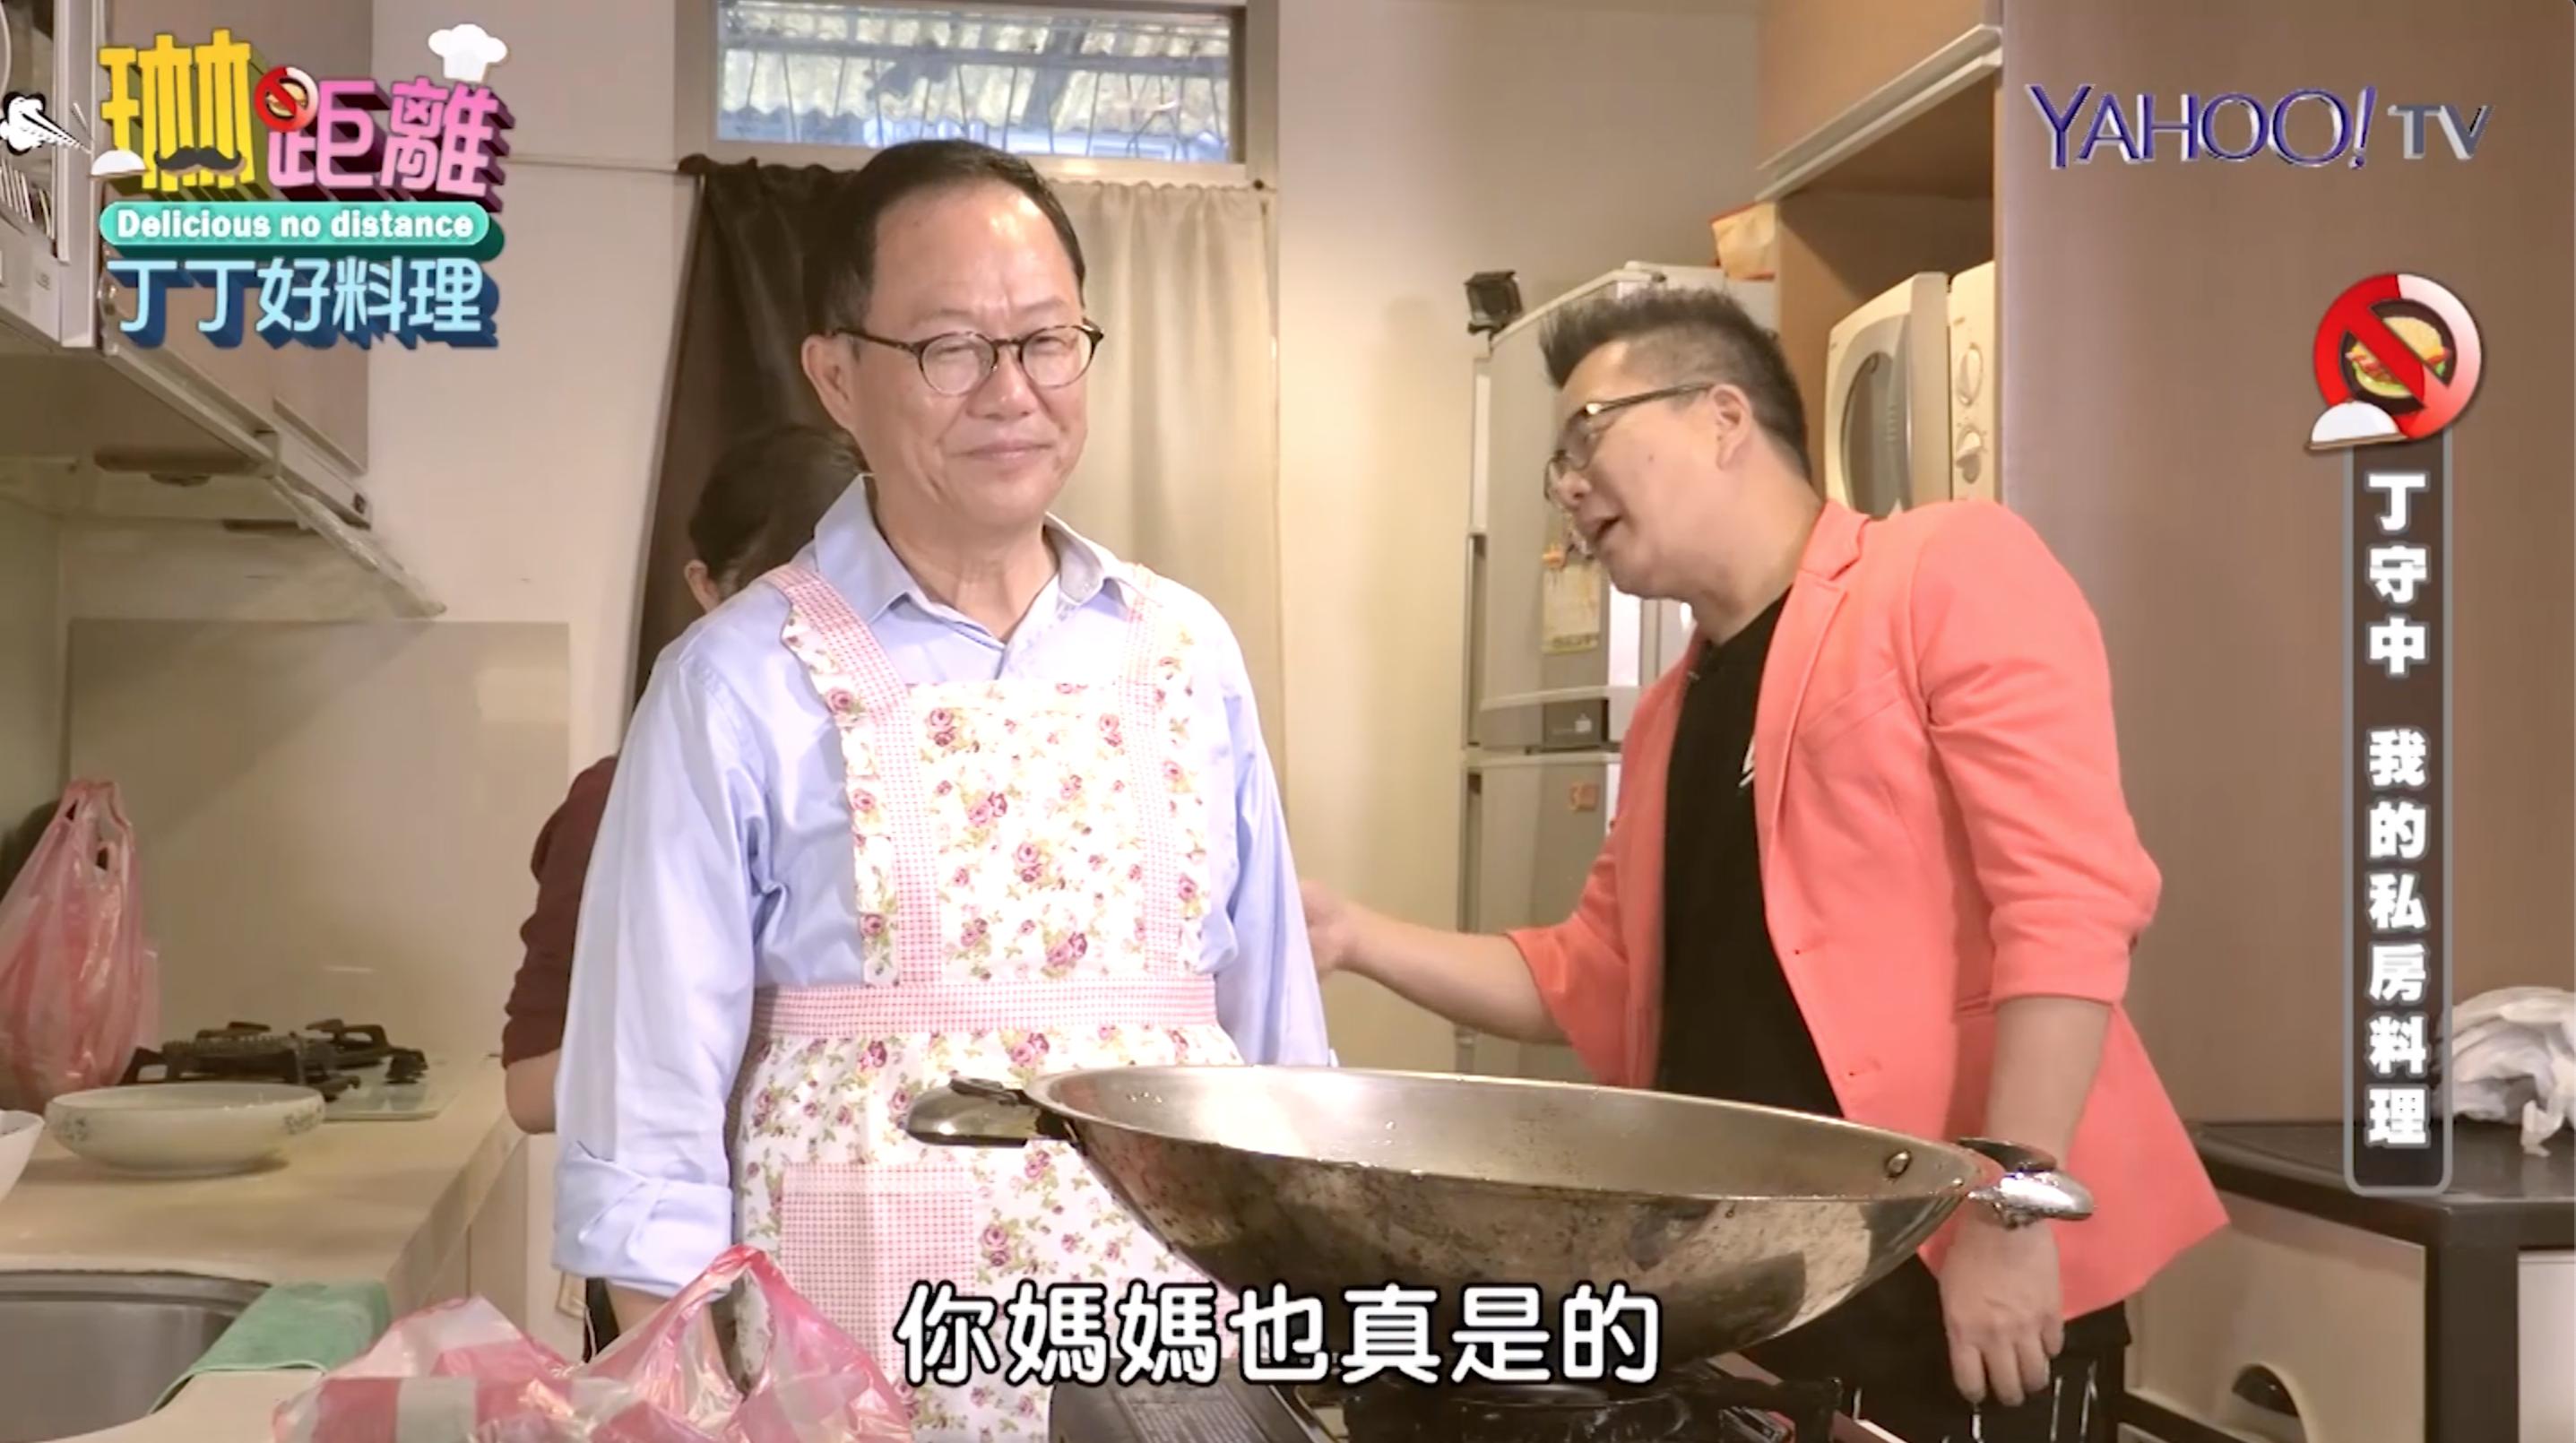 市長進行式 丁丁好料理